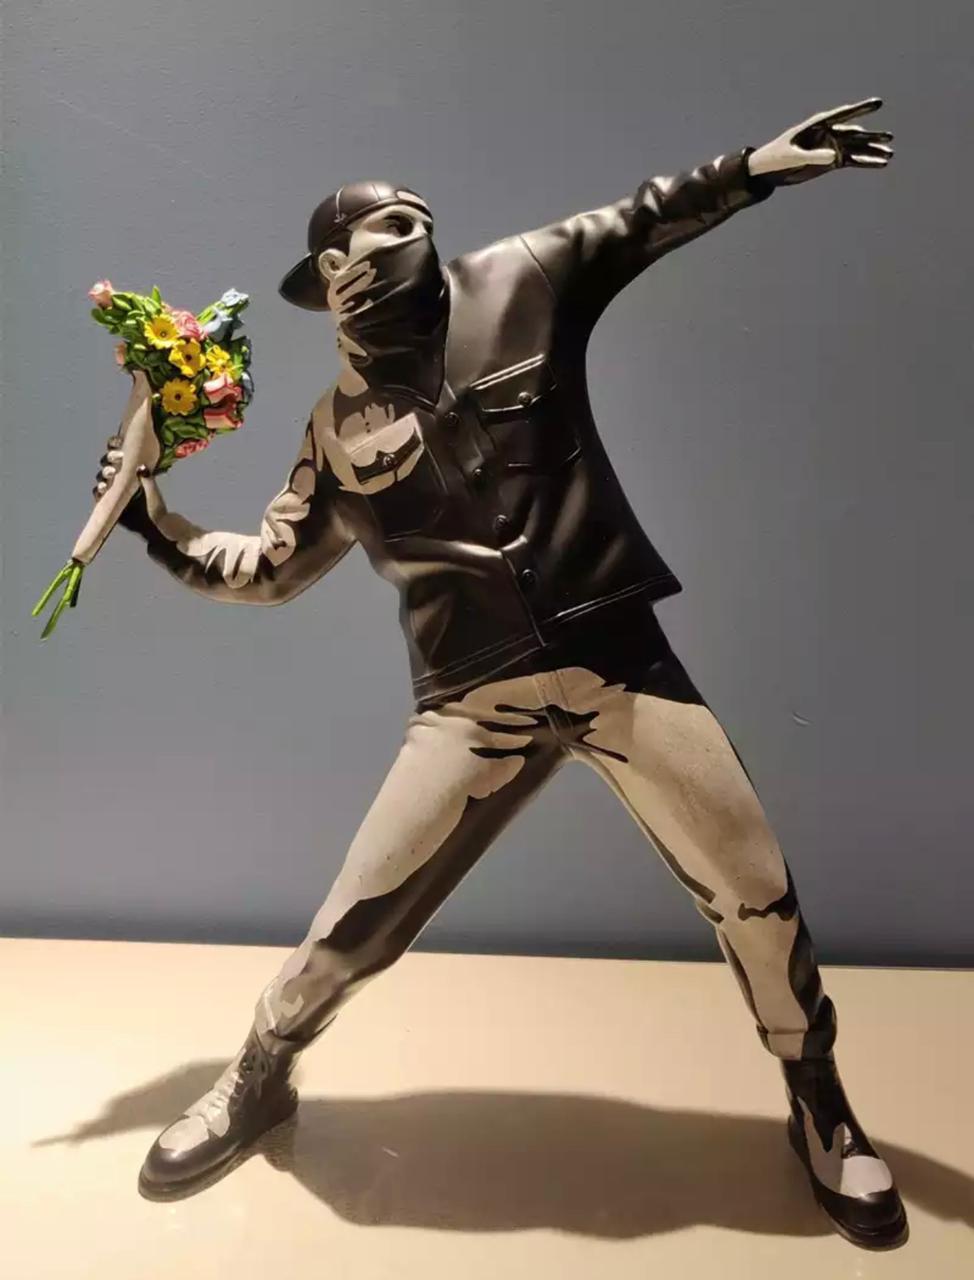 Estátua Arte moderna Banksy Bomber Flower polystone collectible Arte - Fanaic Studios - EV